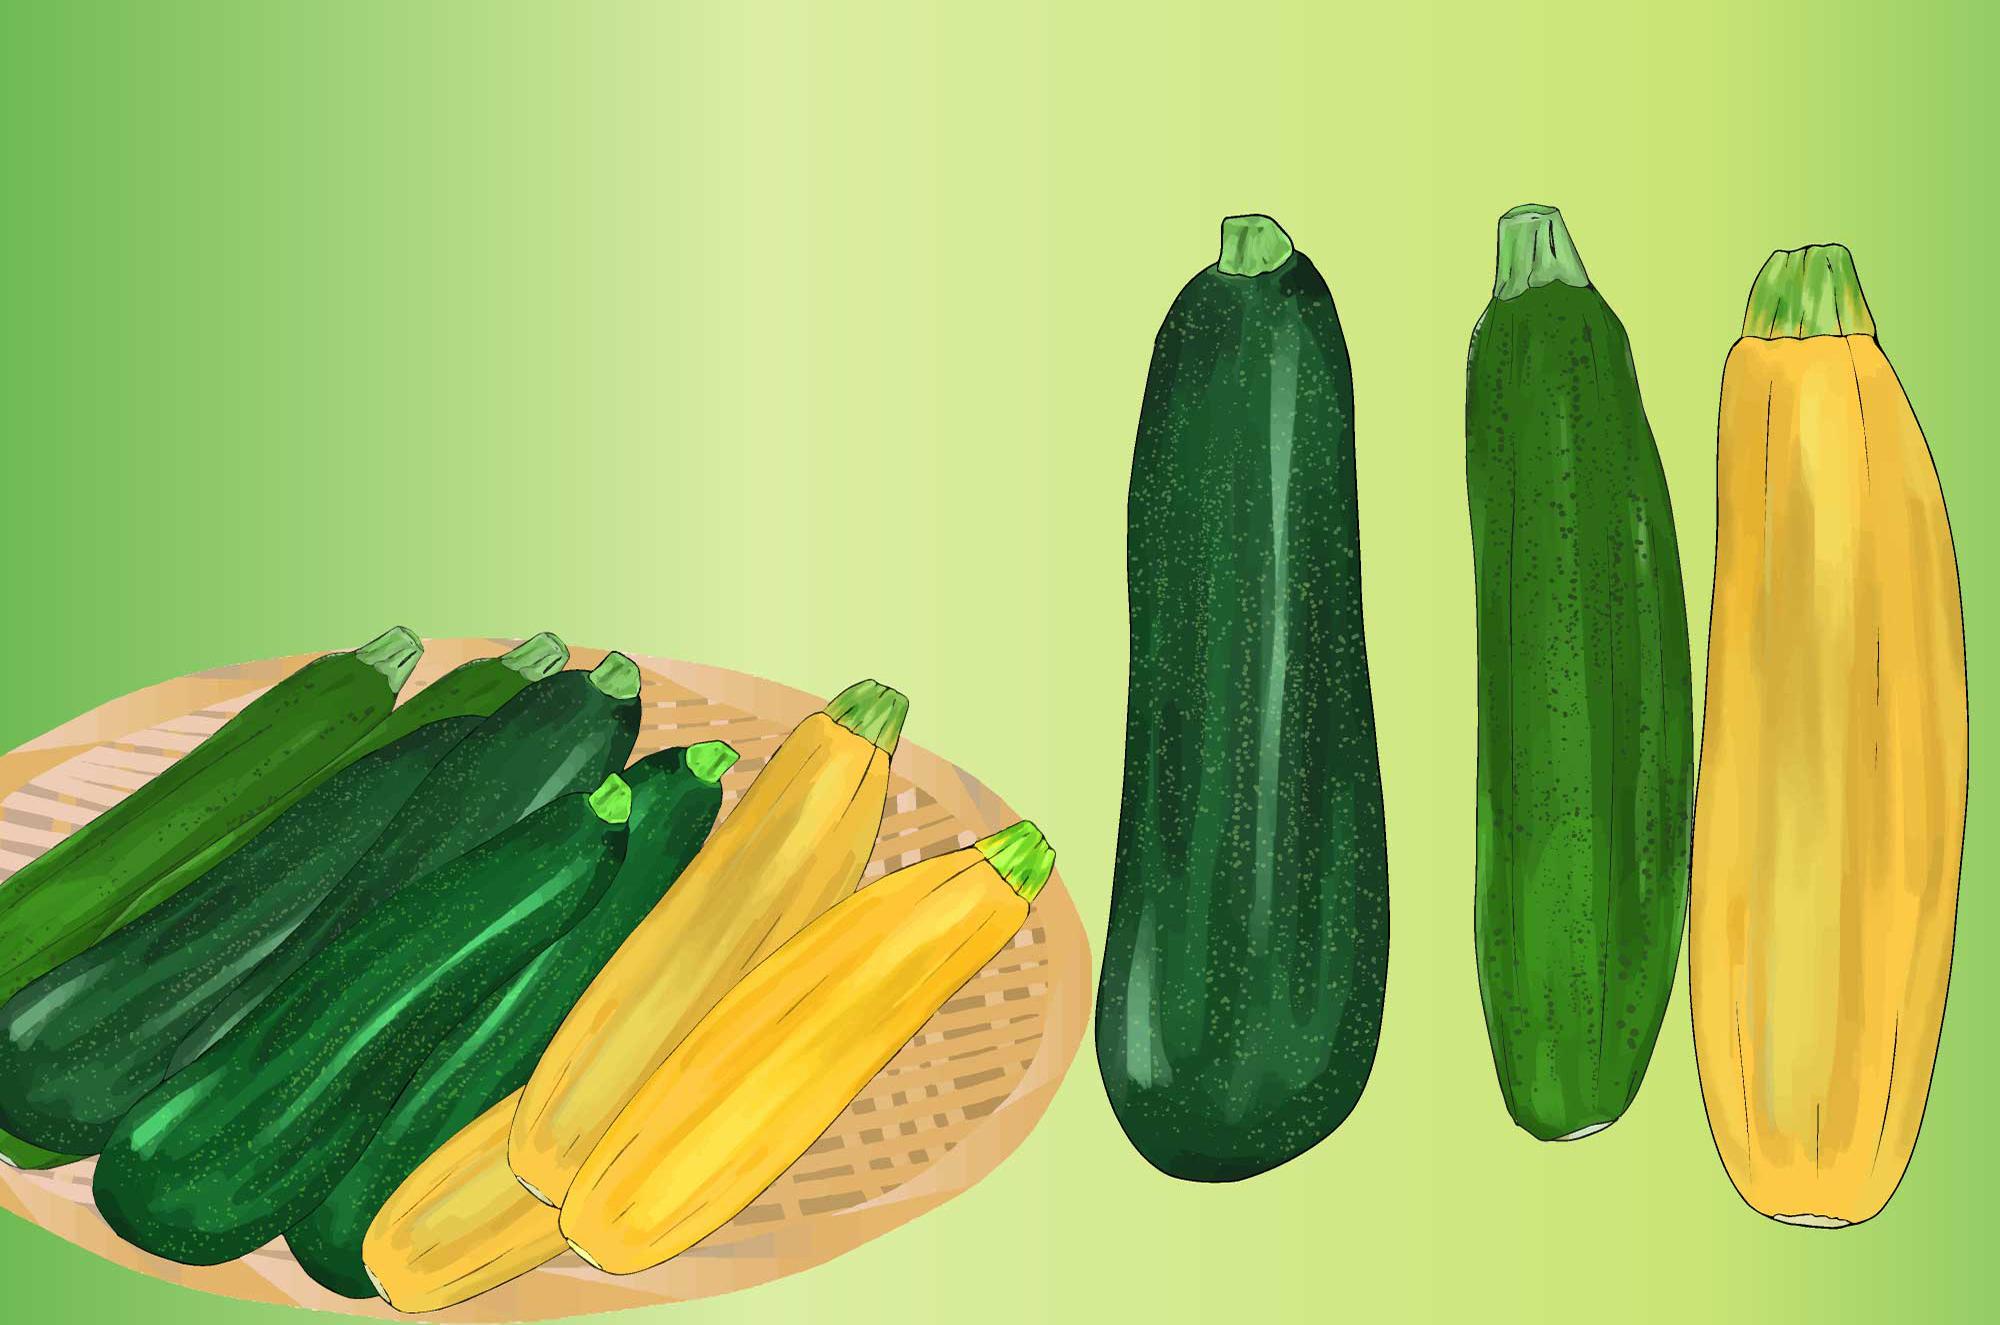 ズッキーニのイラスト - 新鮮なウリ科の野菜無料素材